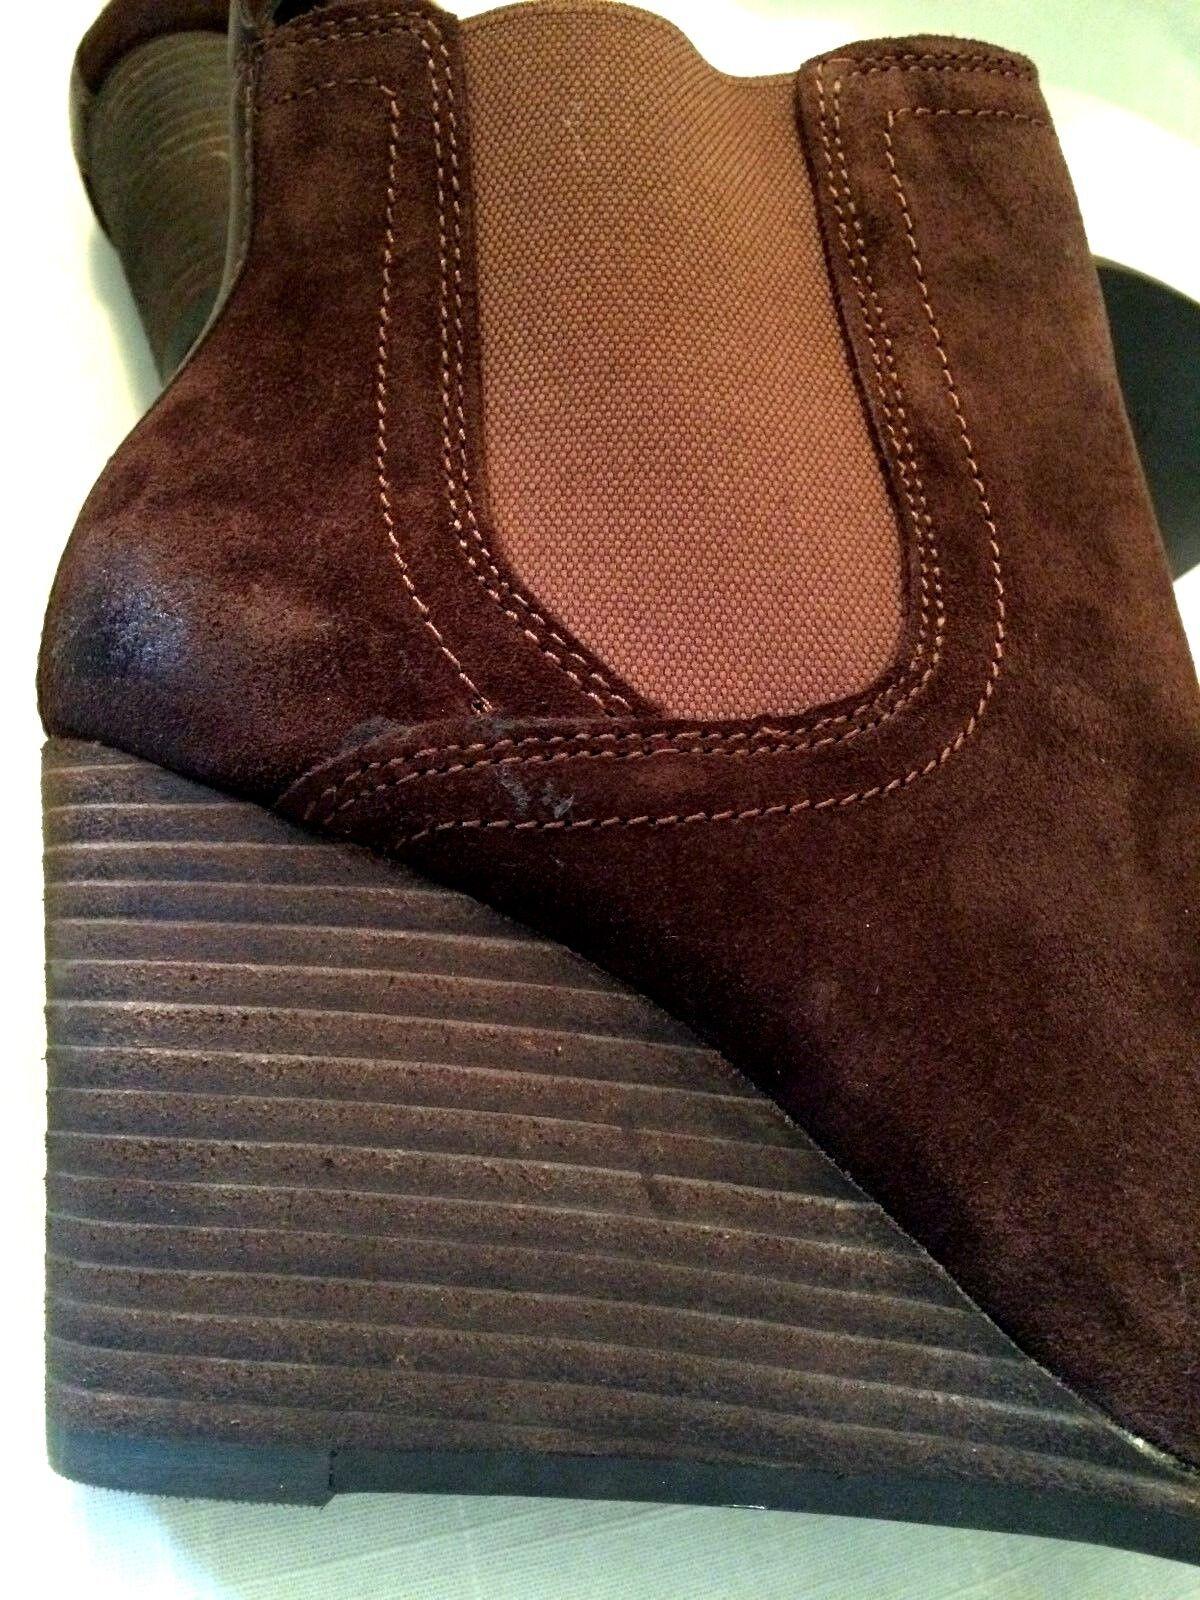 LUCKY BRAND LK-SERIES Brown Suede Leather Wedge Heel Heel Heel Boots Womens Sz 9 M 62ba6d